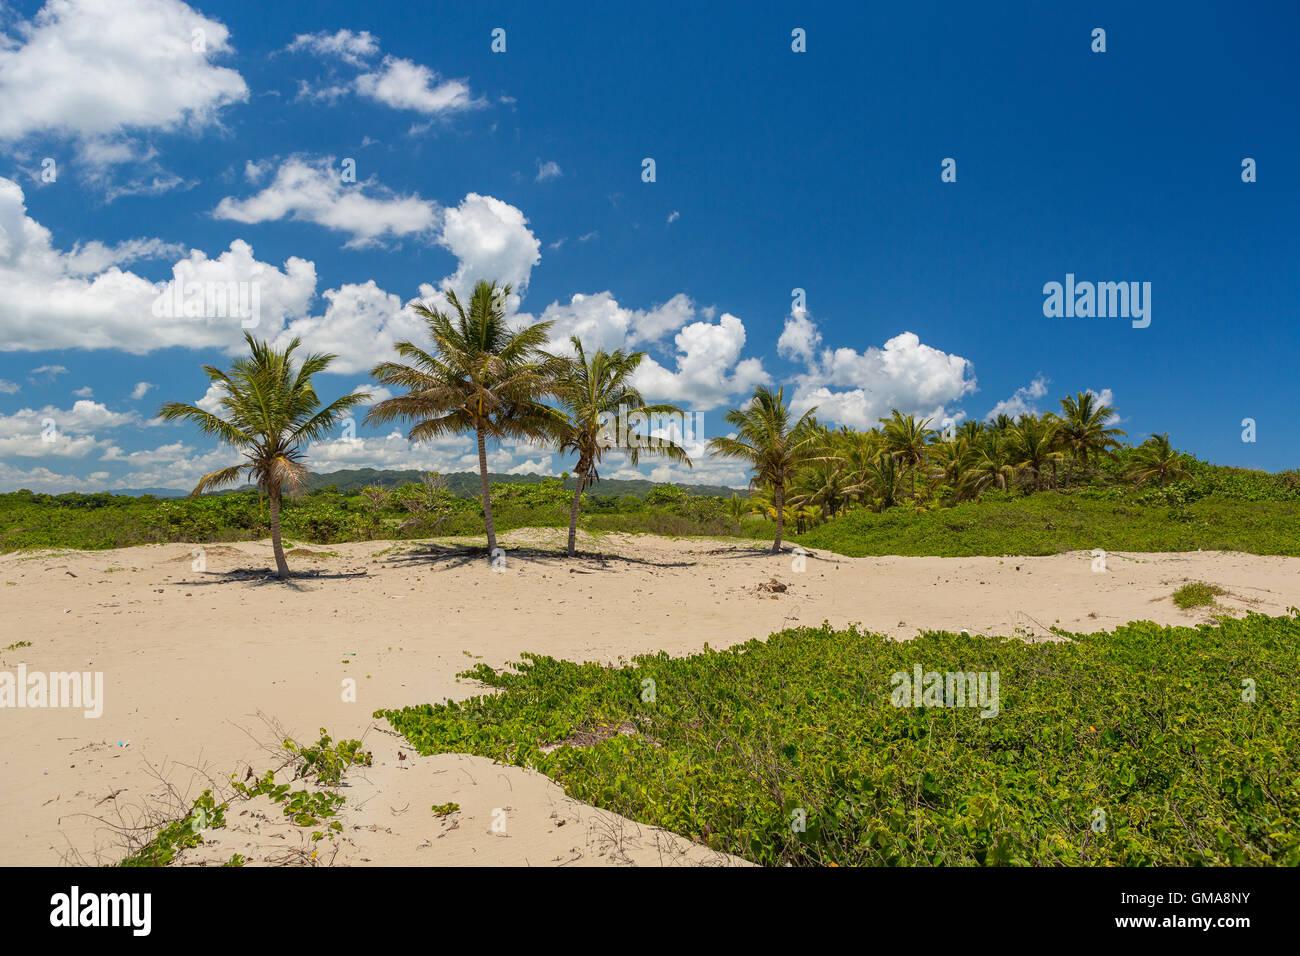 Repubblica Dominicana - Spiaggia paesaggio con palme alla foce del fiume Yasica, vicino a Cabarete. Immagini Stock